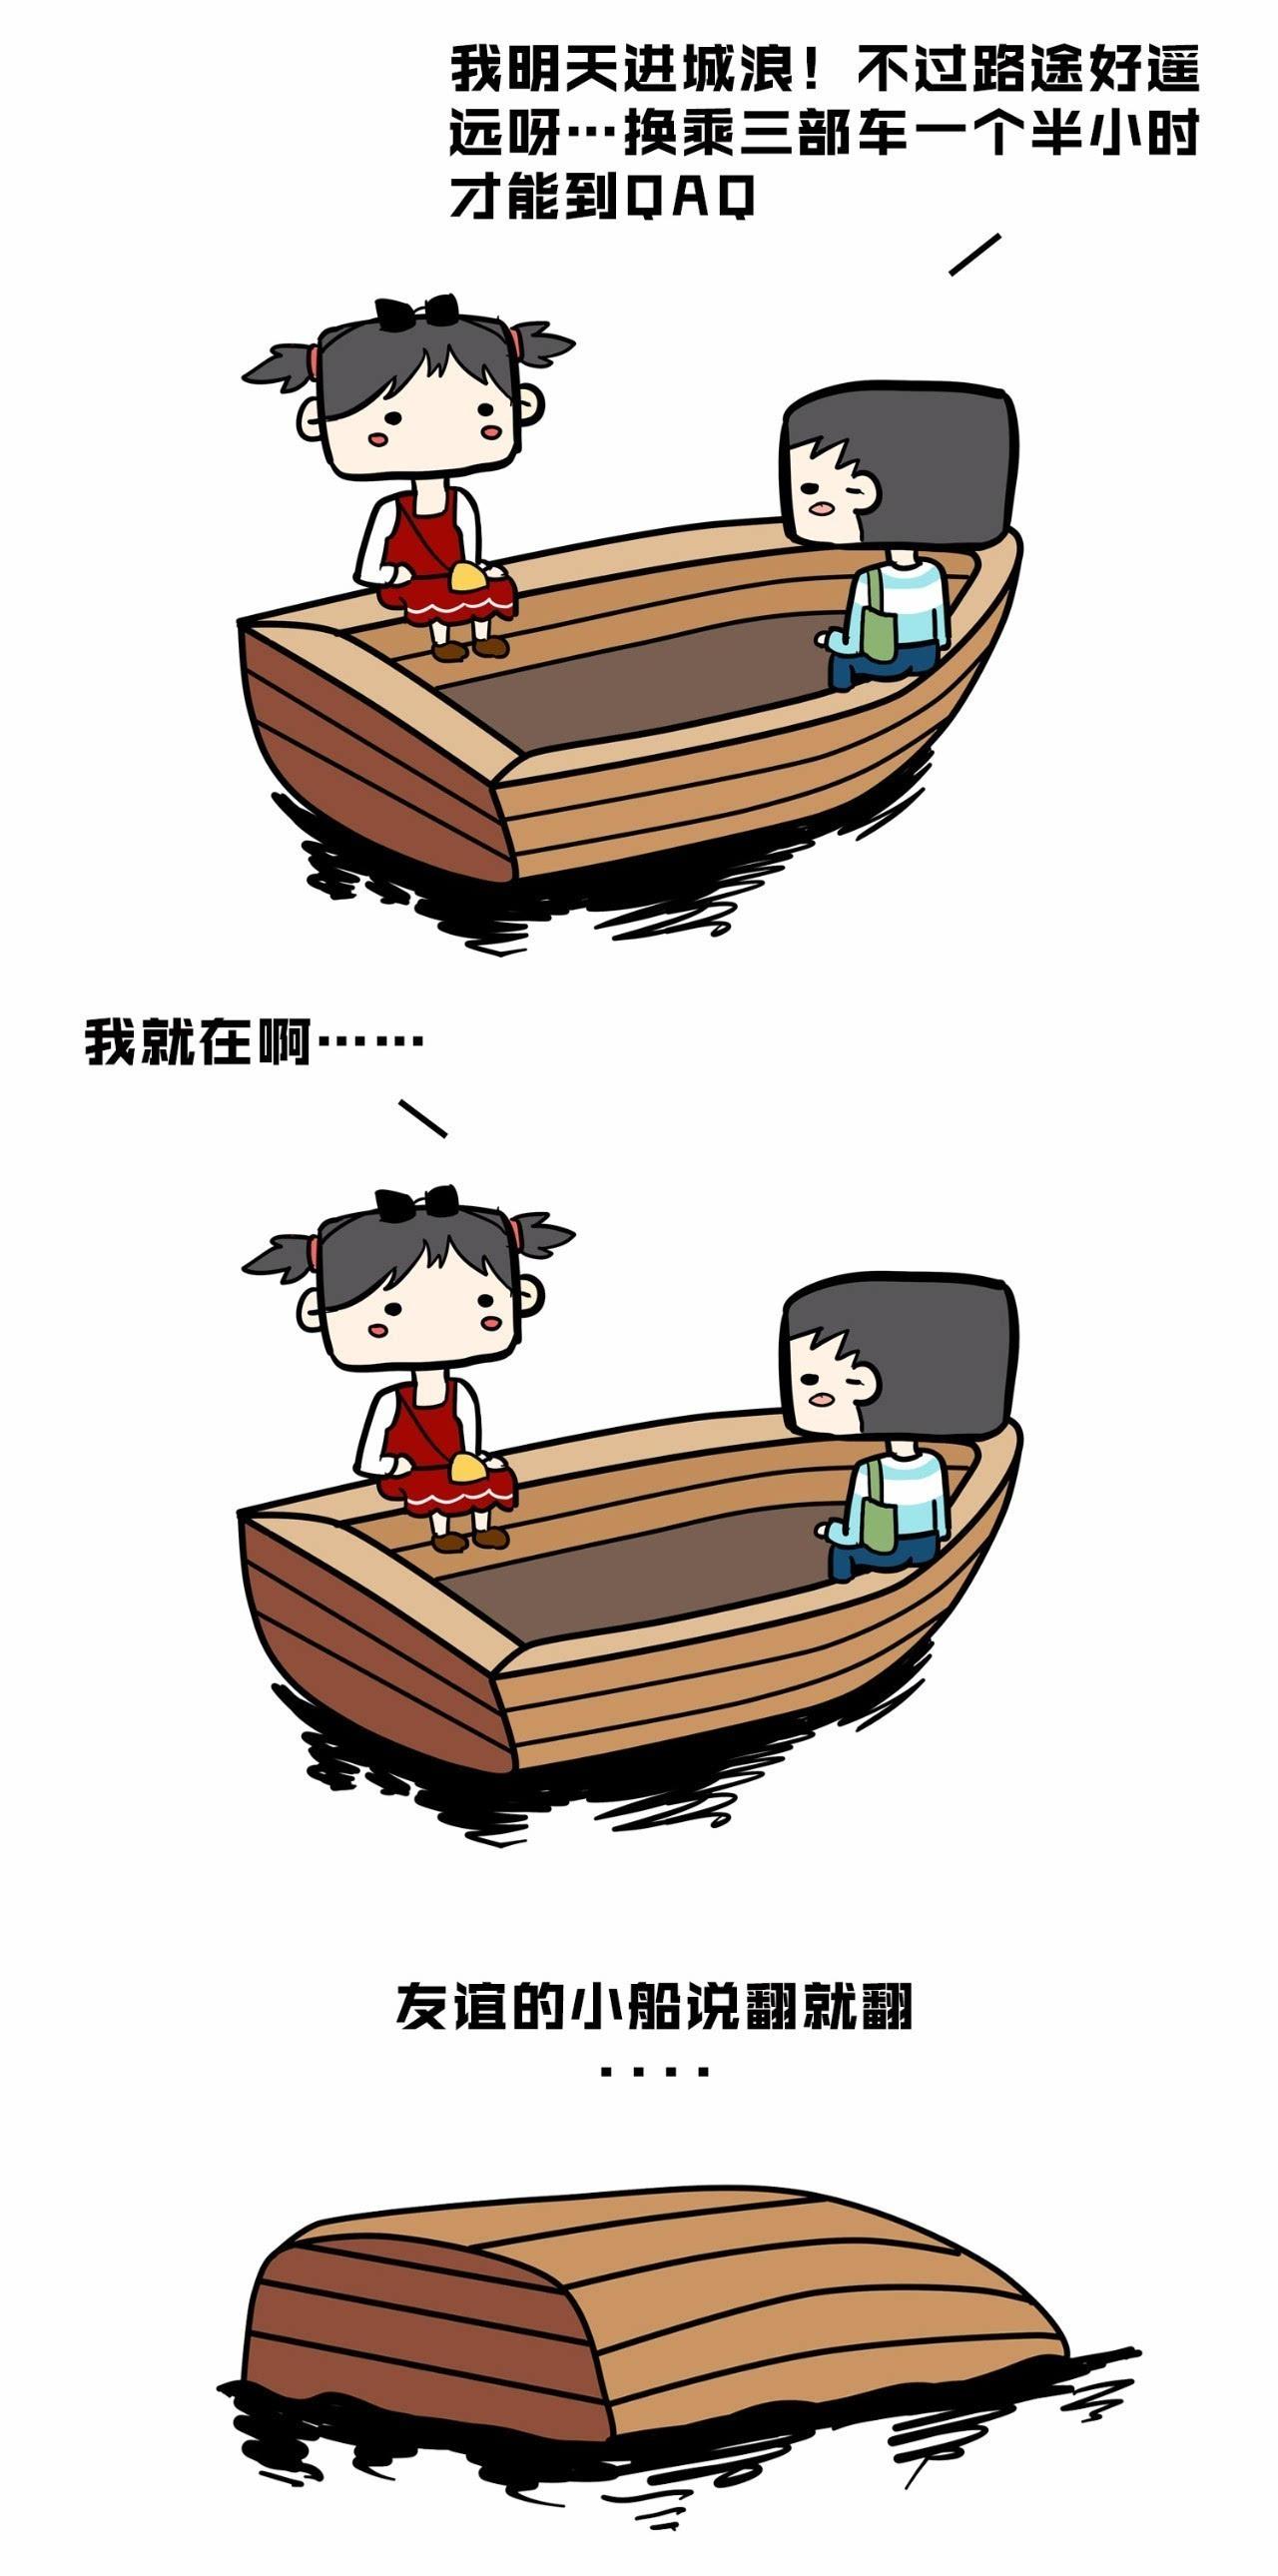 ecnu版友谊的小船 谁与谁成就了巨轮 ?